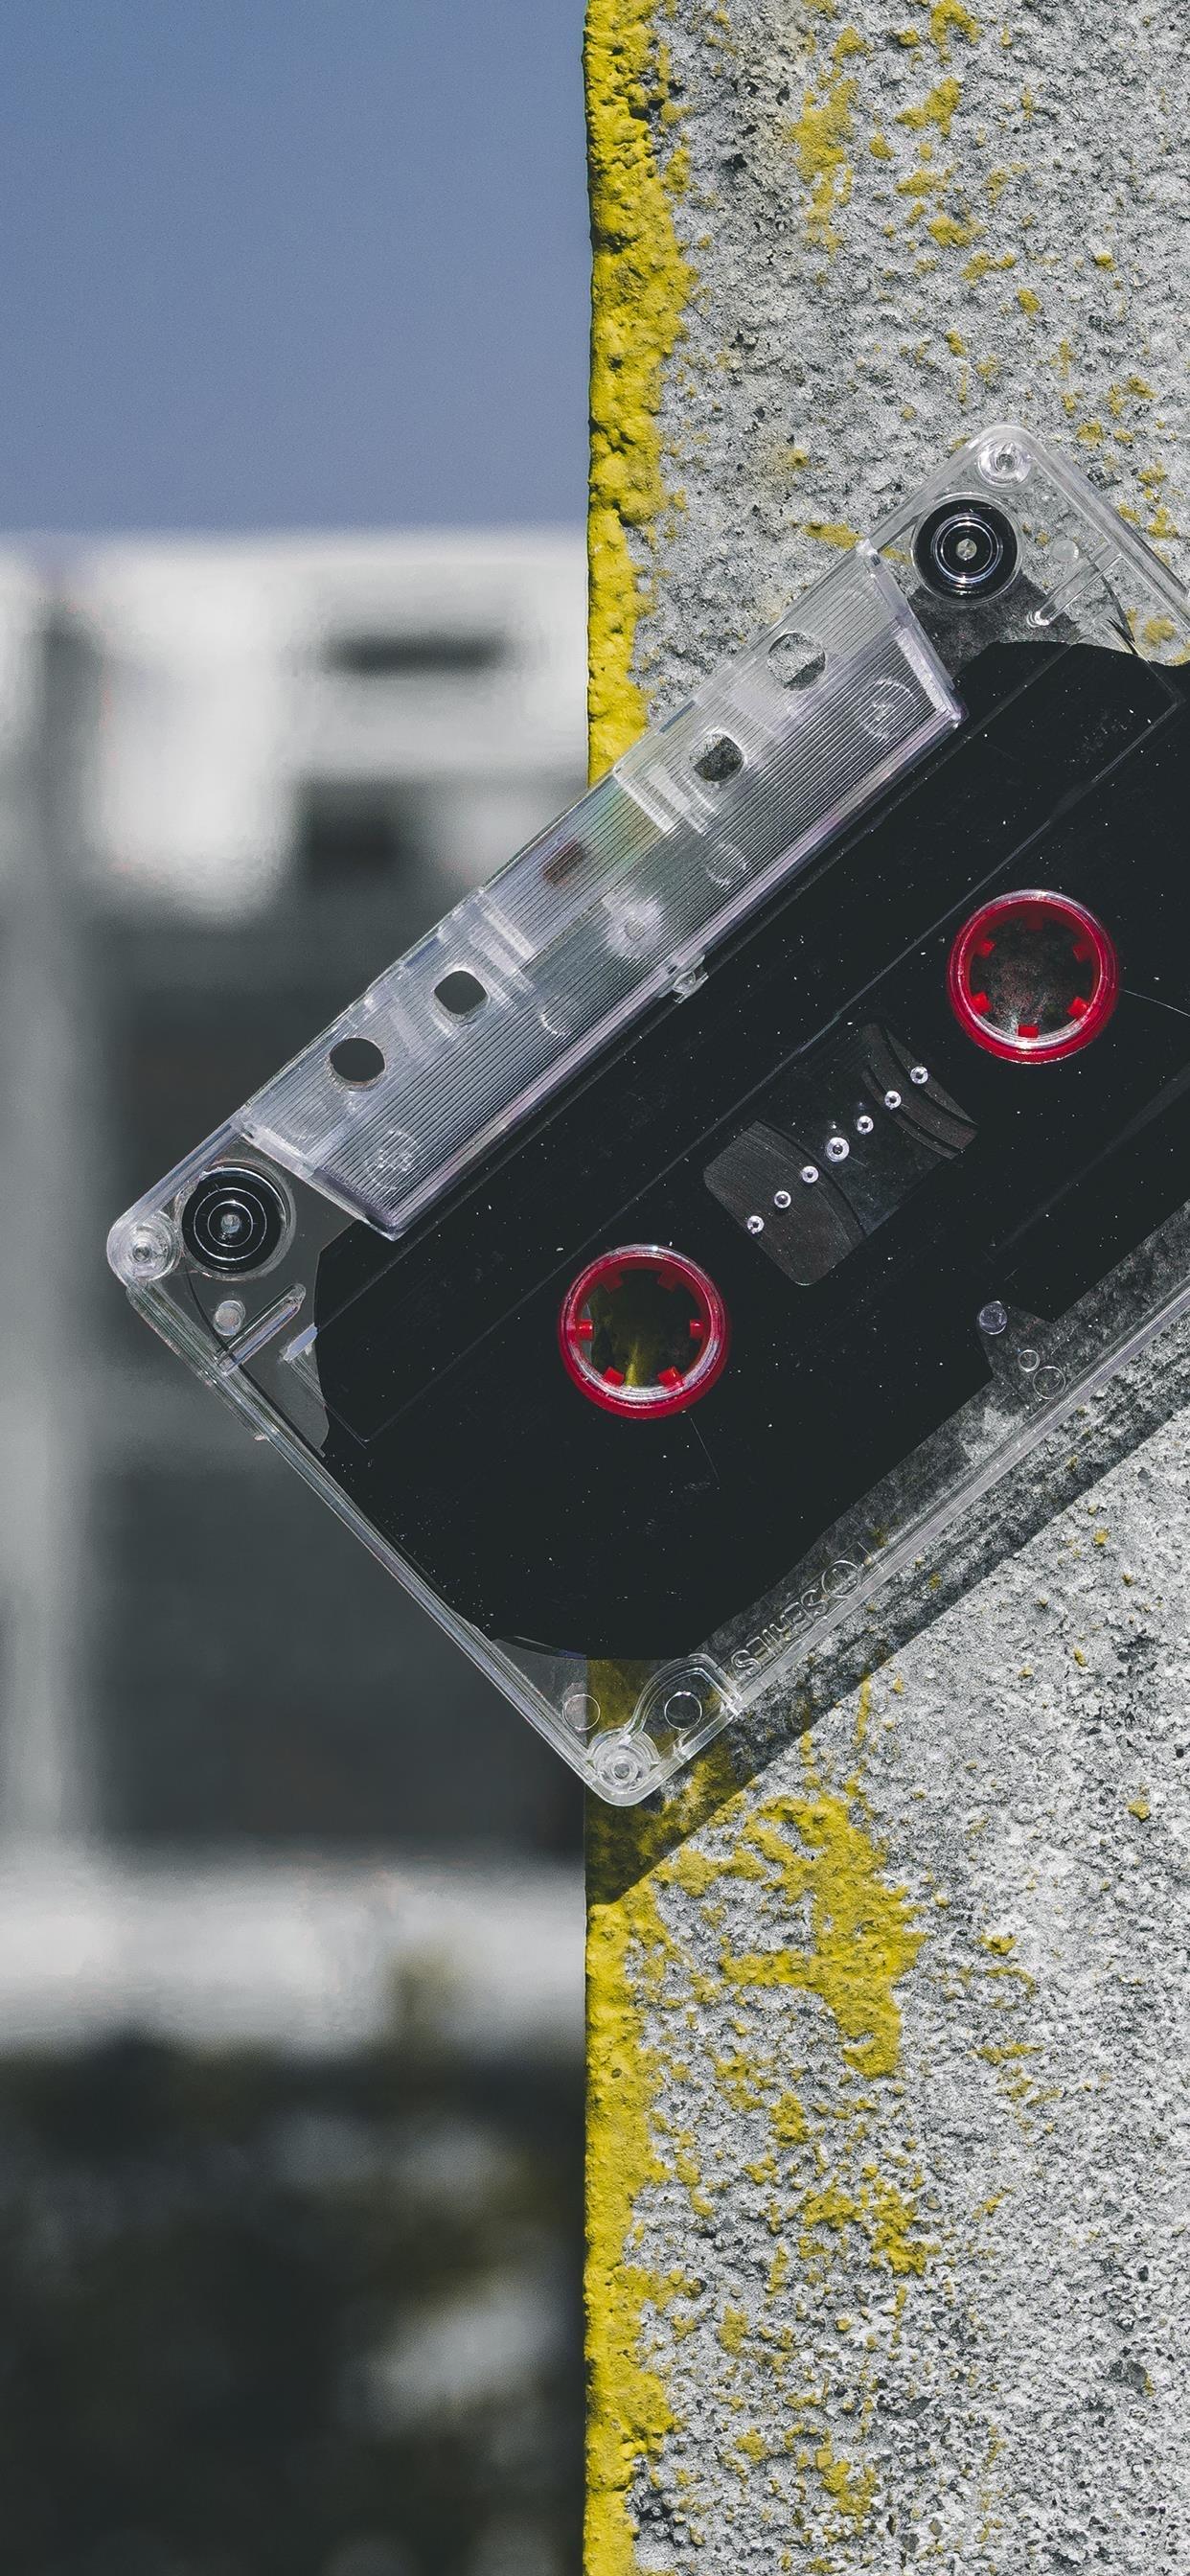 磁带文艺摄影图片手机壁纸